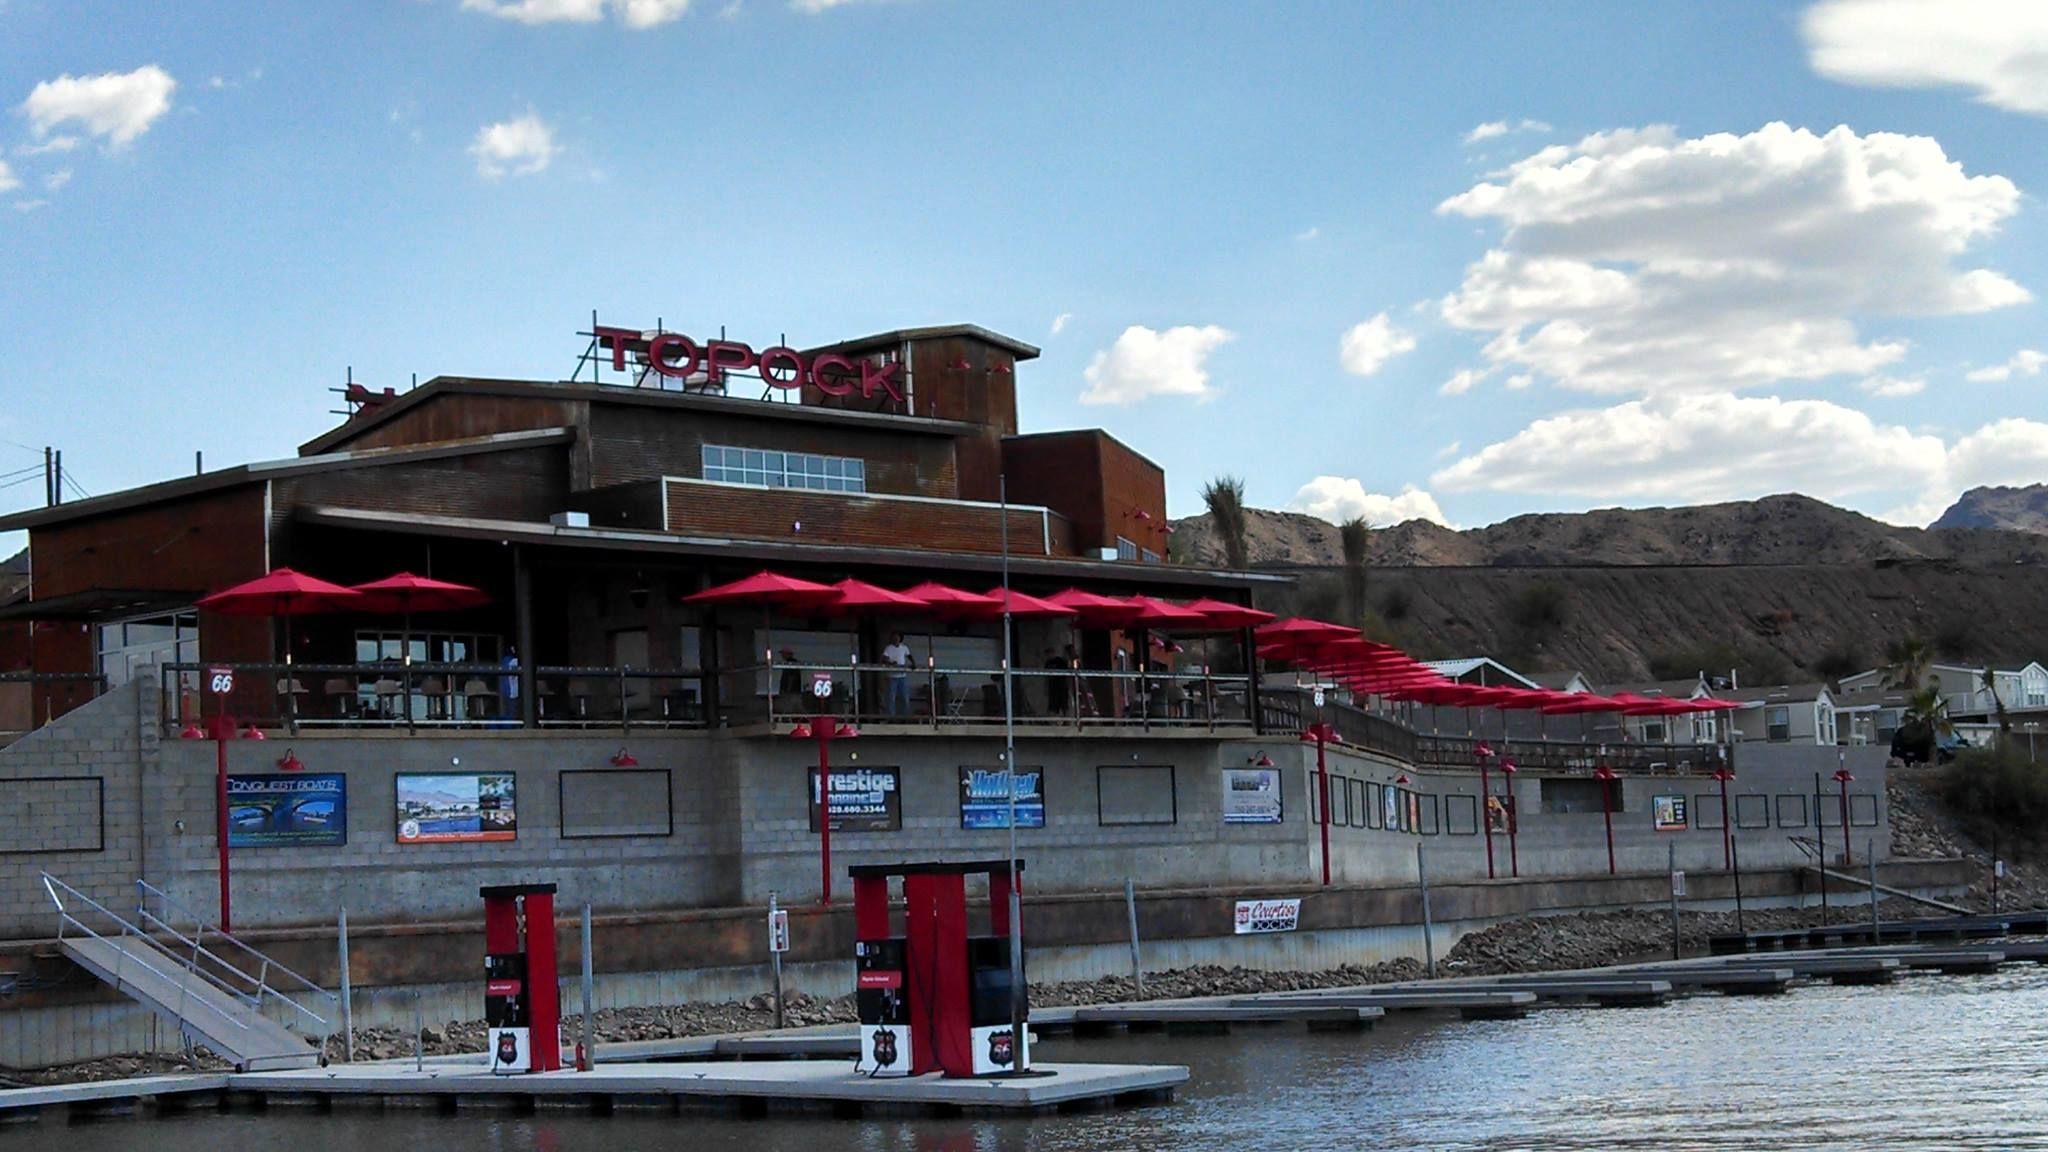 Arizona mohave county topock - Topock Marina Restaurant Bar Hotel